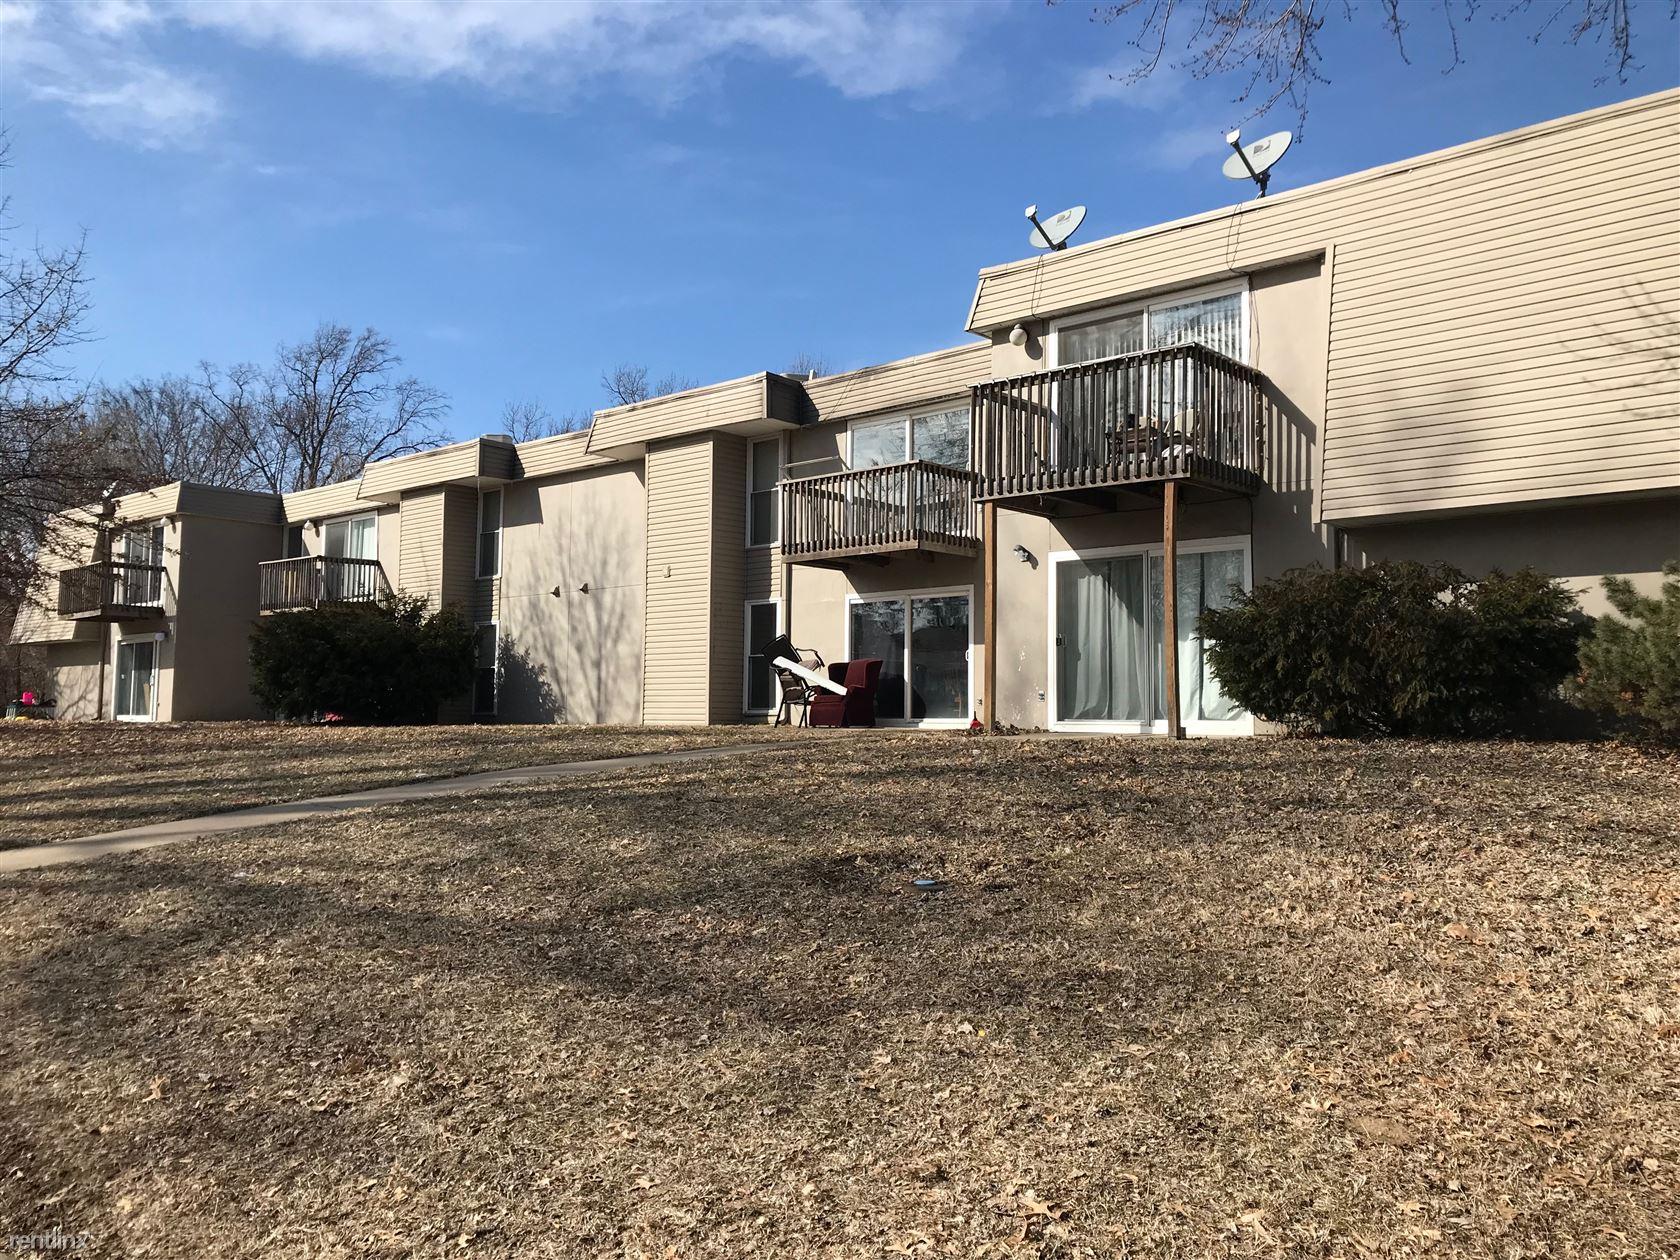 3312 SW 7th St, Topeka, KS - $625